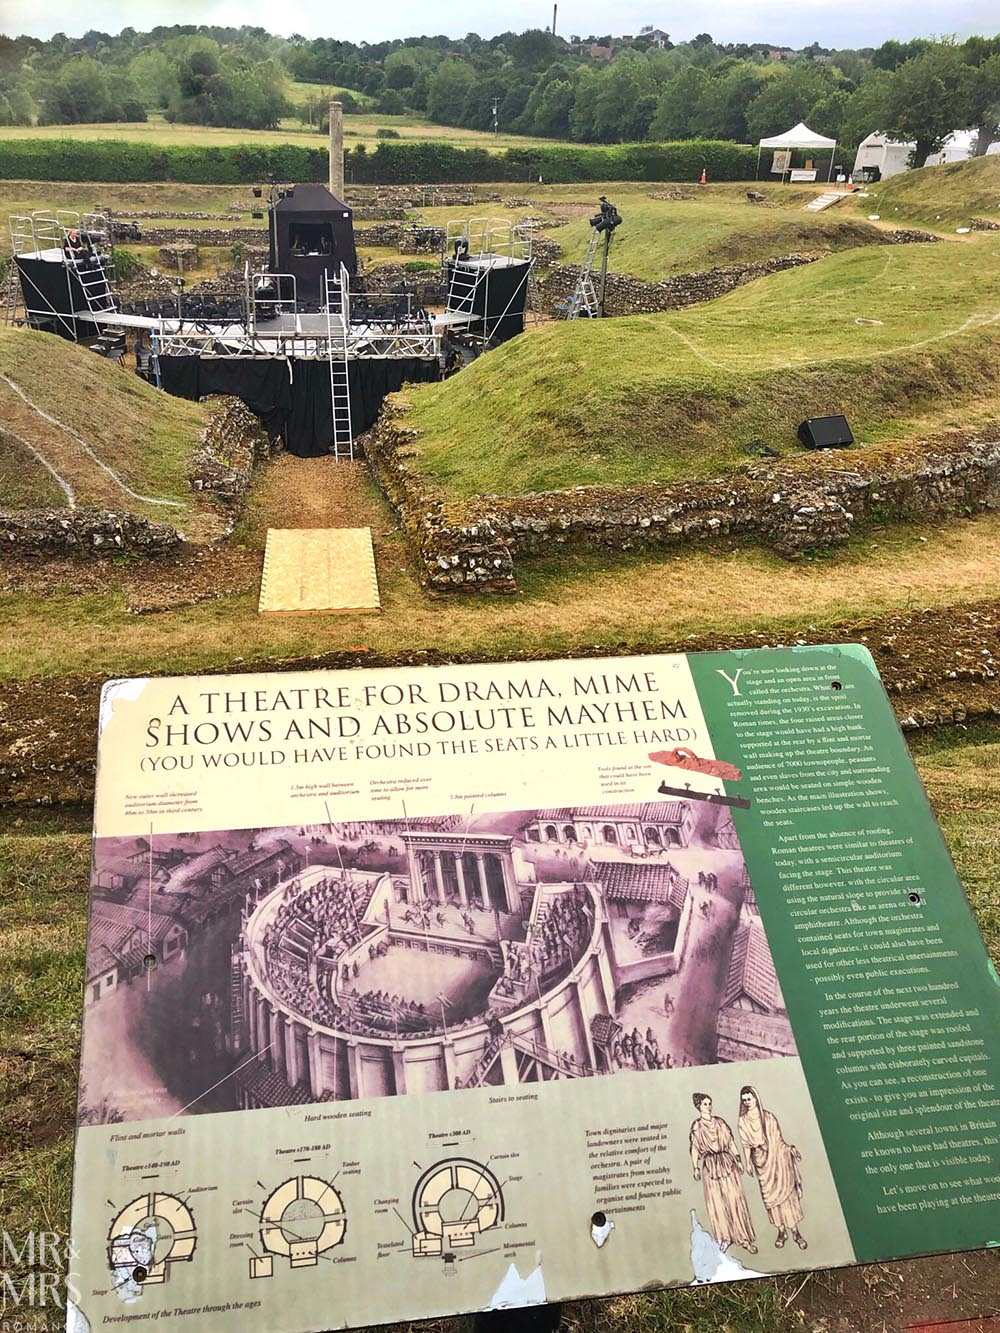 St Albans - Roman amphitheatre